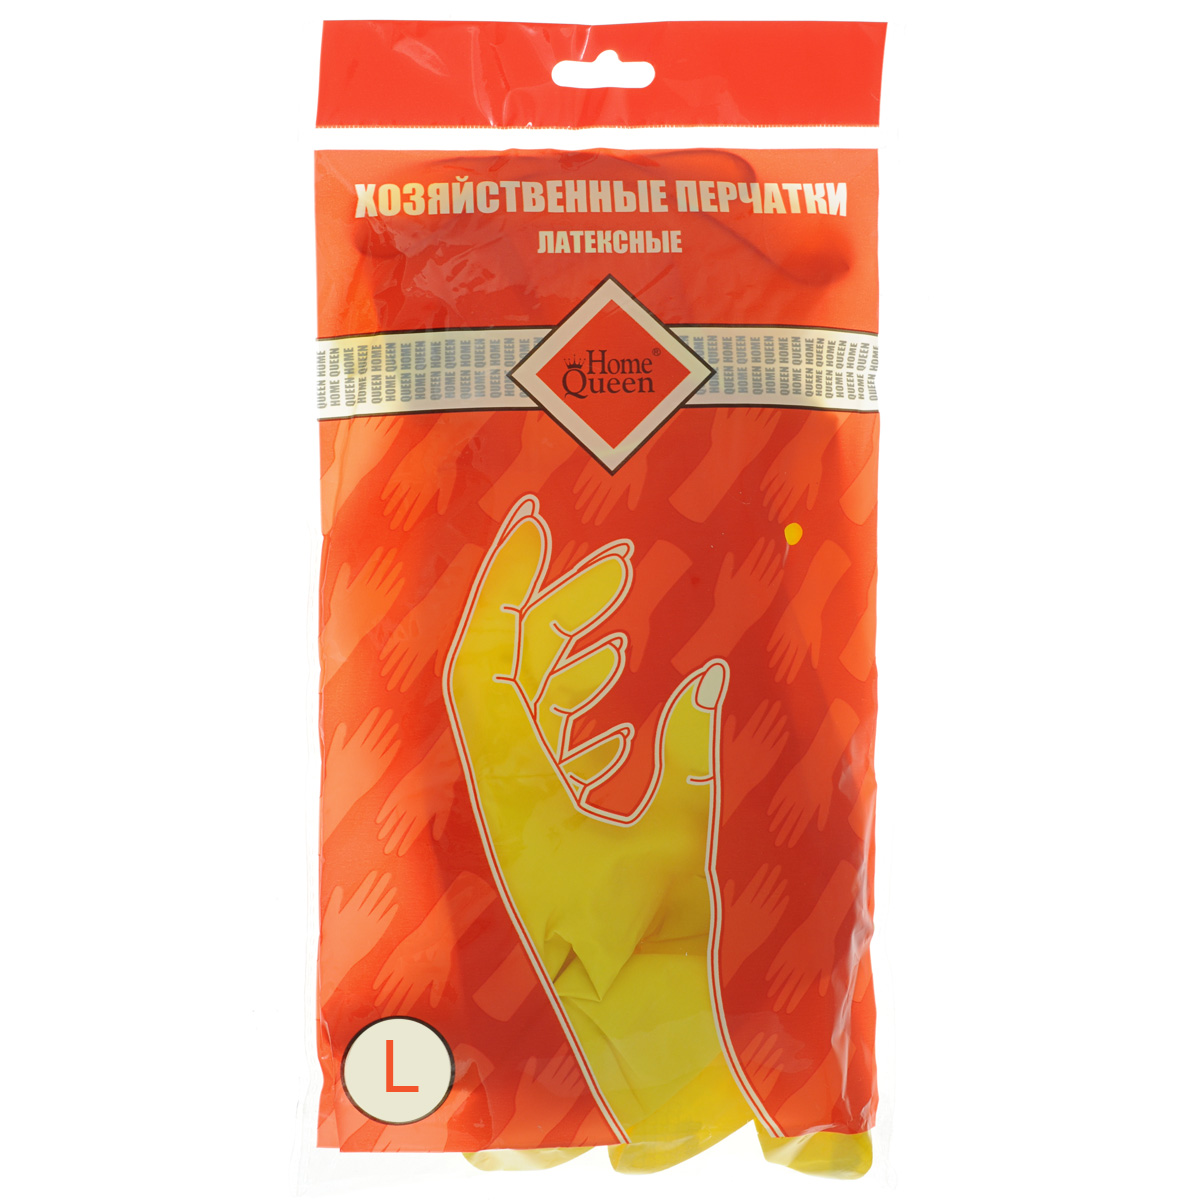 Перчатки латексные Home Queen. Размер L57128Перчатки Home Queen защитят ваши руки от воздействия бытовой химии и грязи. Подойдут для всех видов хозяйственных работ. Выполнены из латекса.